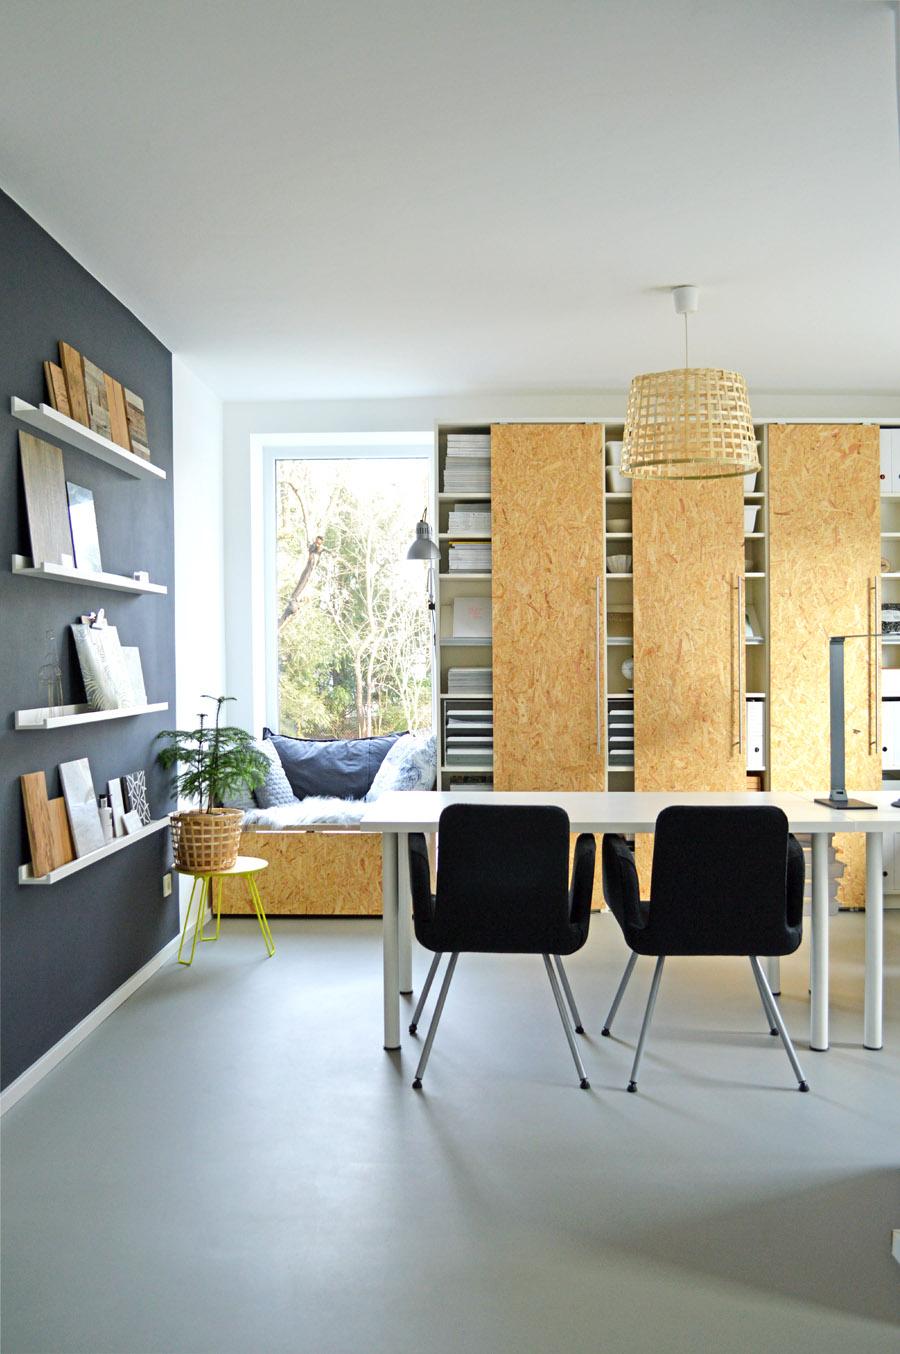 Arbeitszimmer gestaltungsmöglichkeiten ikea  Meine 7 Regeln für ein perfektes Arbeitszimmer - ICH DESIGNER